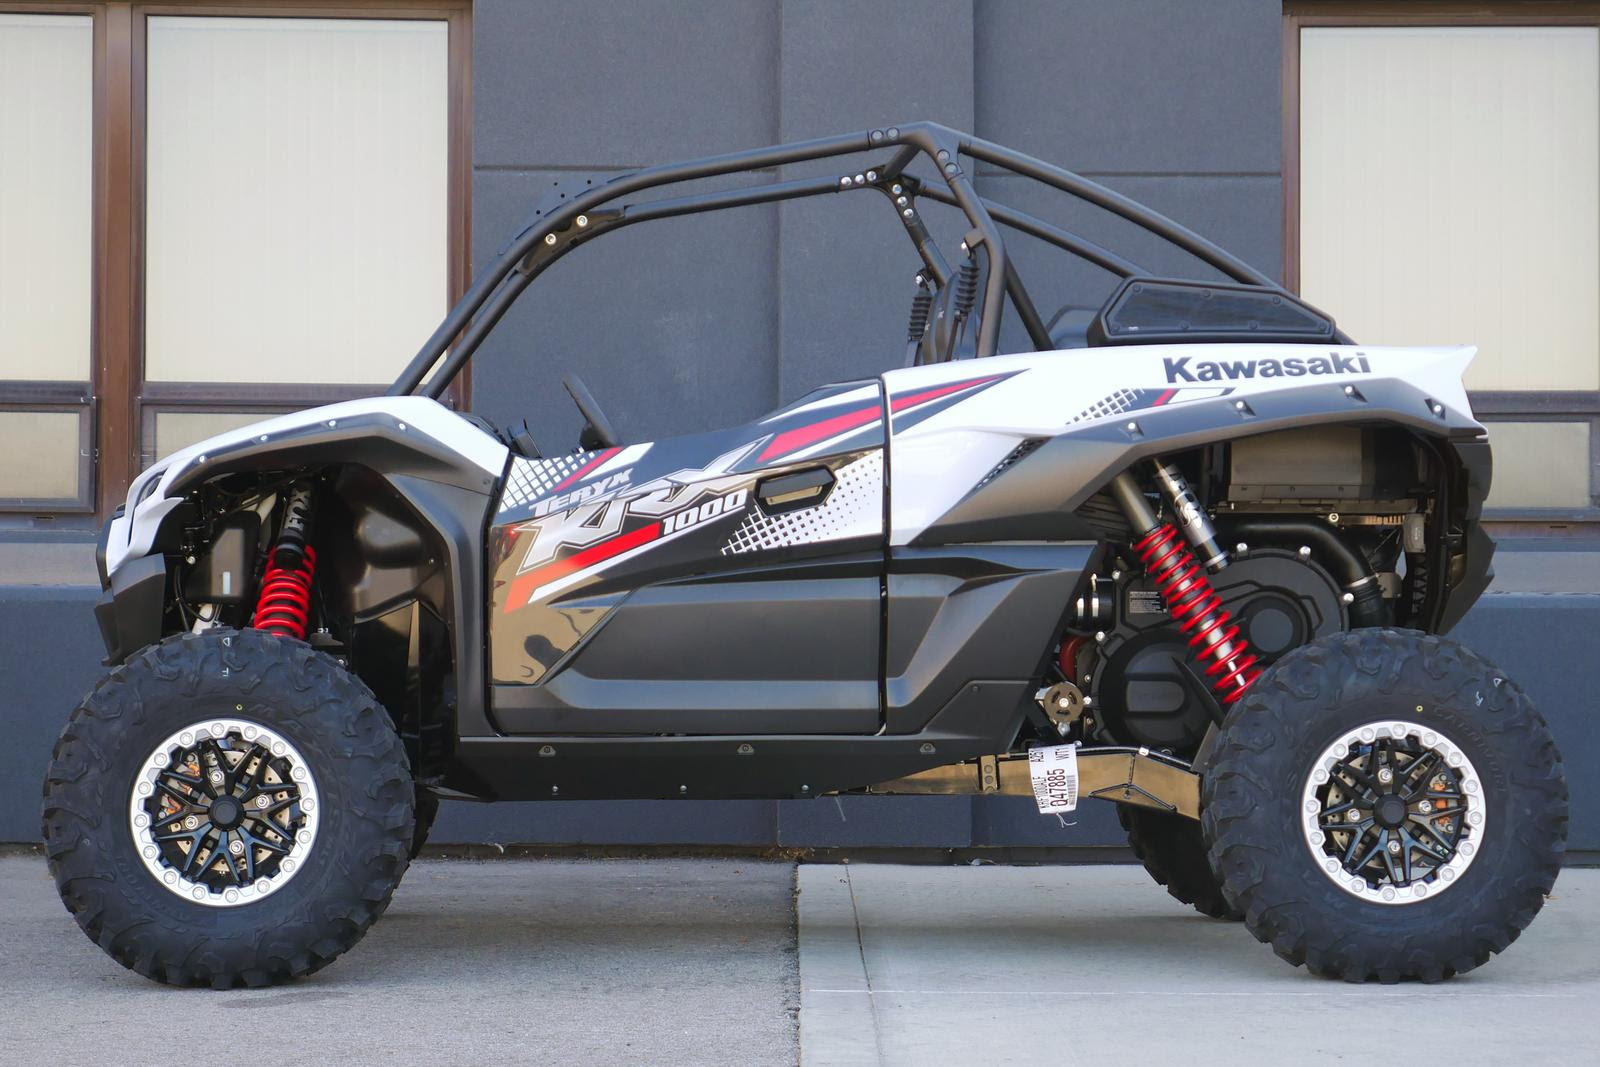 2020 Kawasaki Teryx 1000 For Sale In Indianapolis In Flat